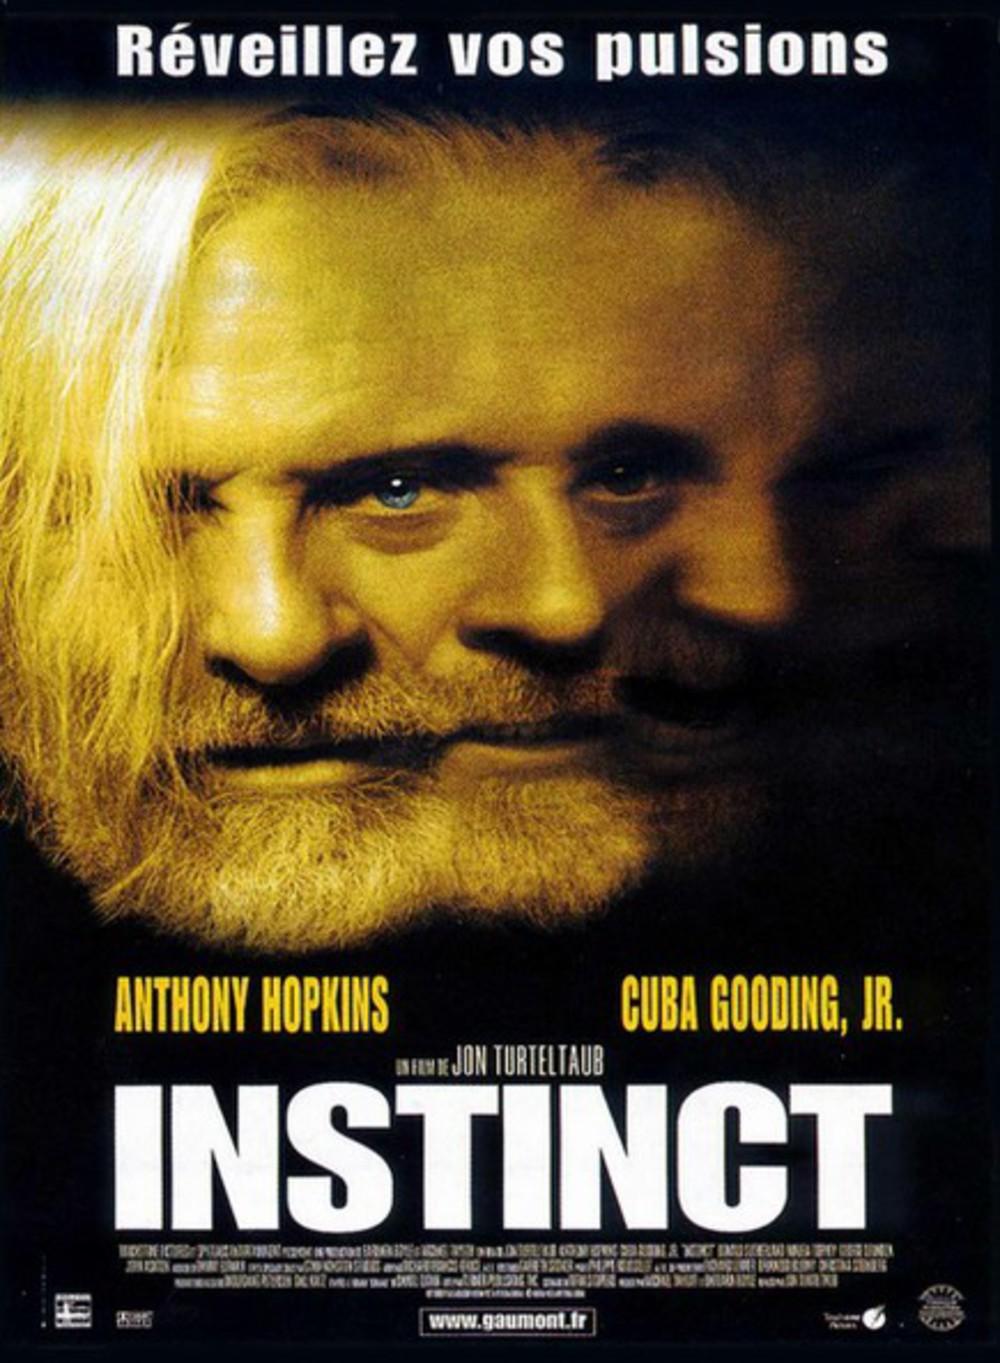 instinct Disney touchstone affiche poster